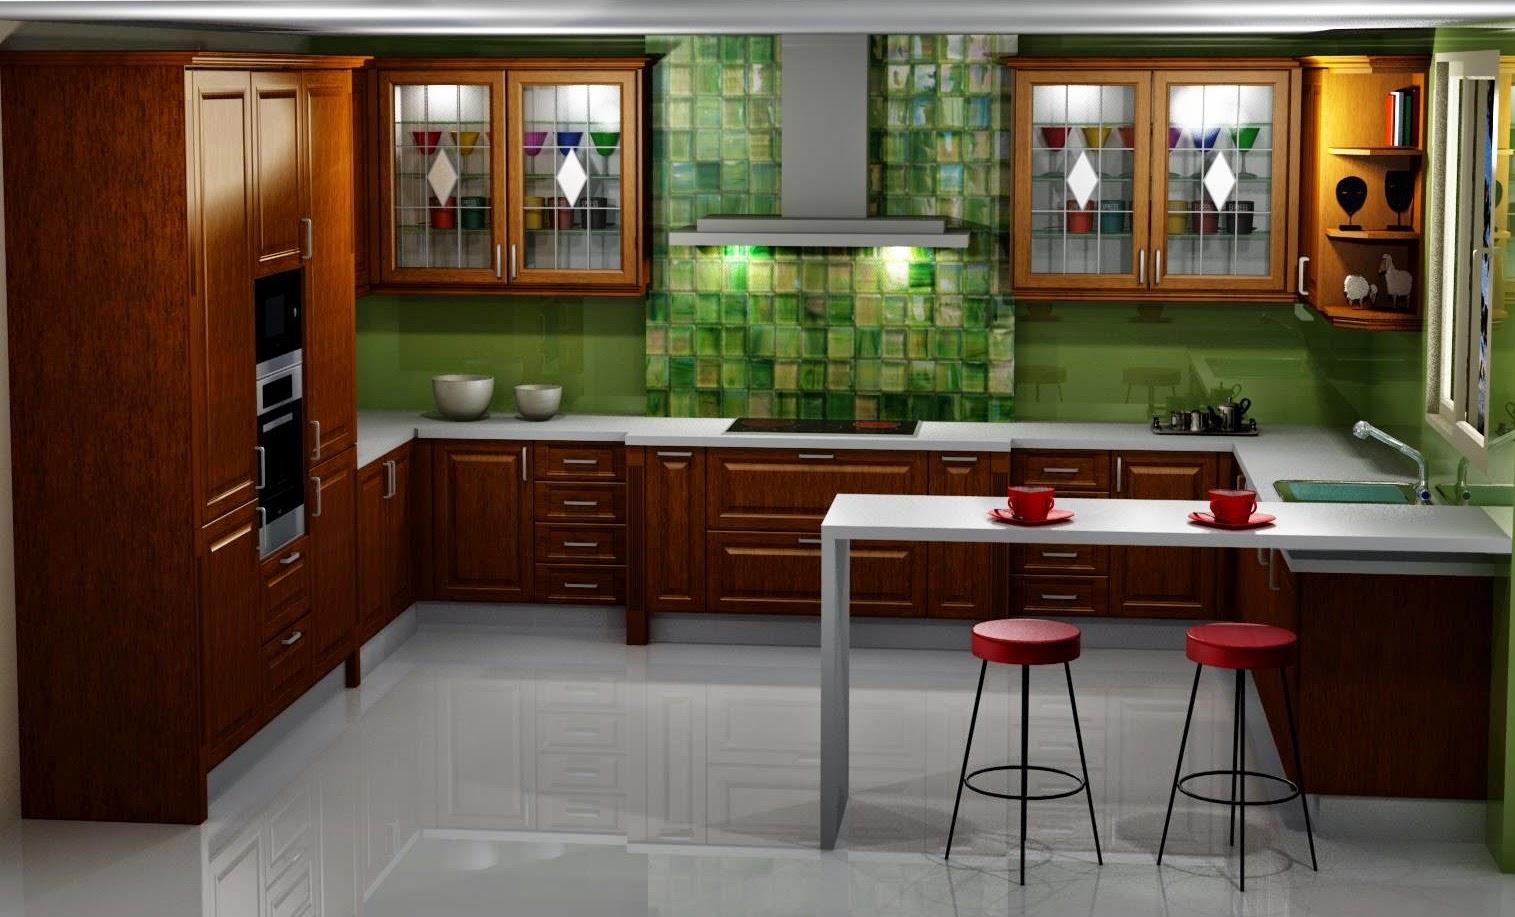 dise o muebles de cocina dise o de cocina comedor en madera ForDiseno Cocina Comedor